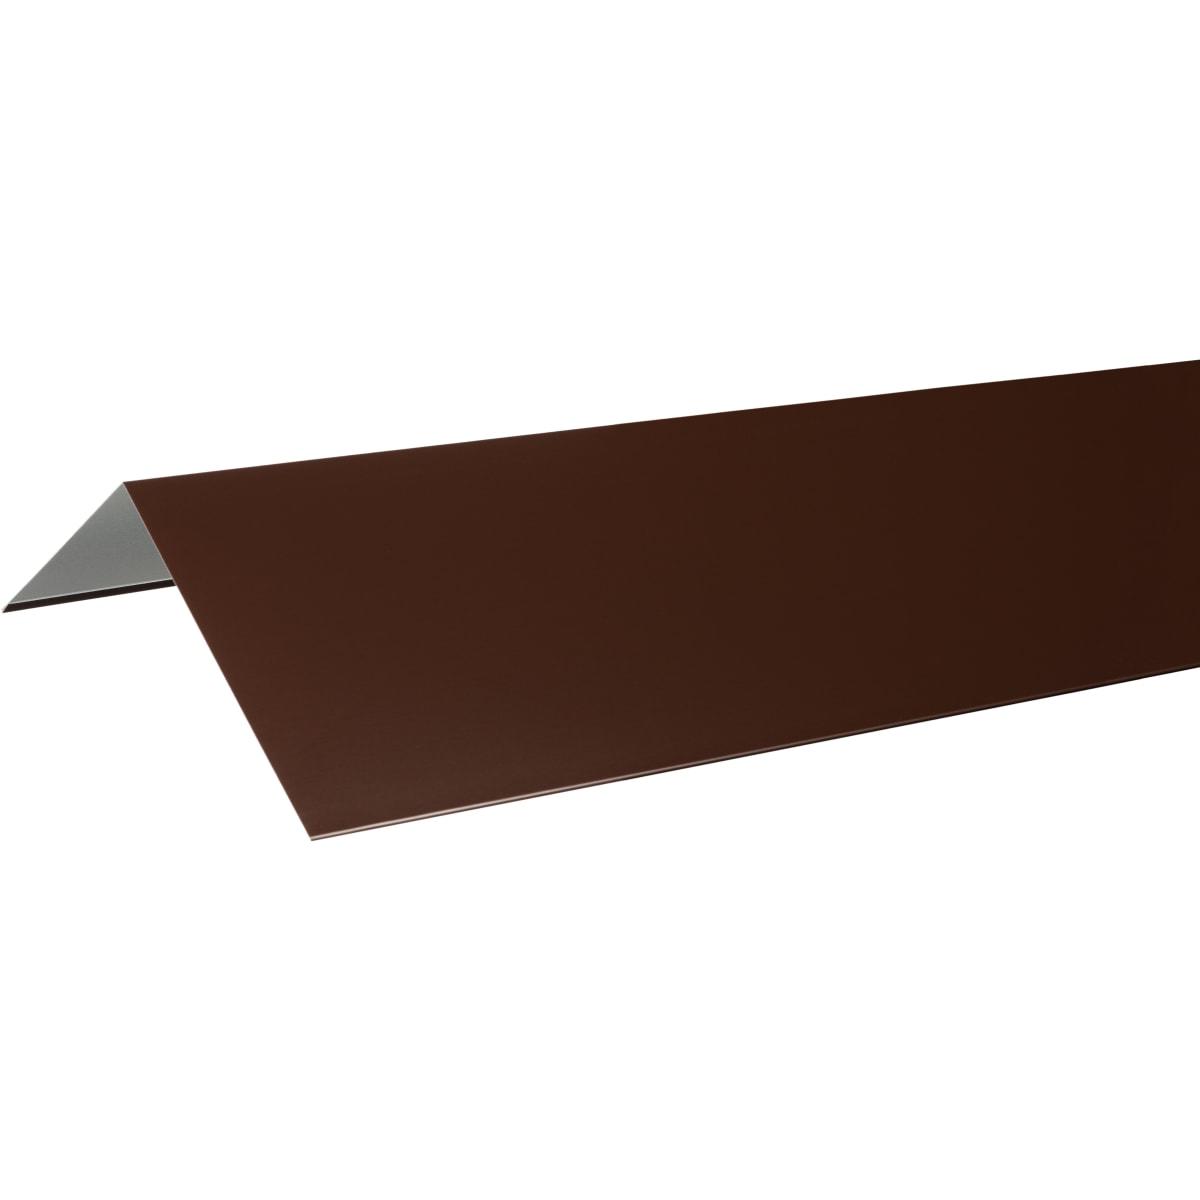 Конёк плоский с полиэстеровым покрытием 2 м цвет коричневый